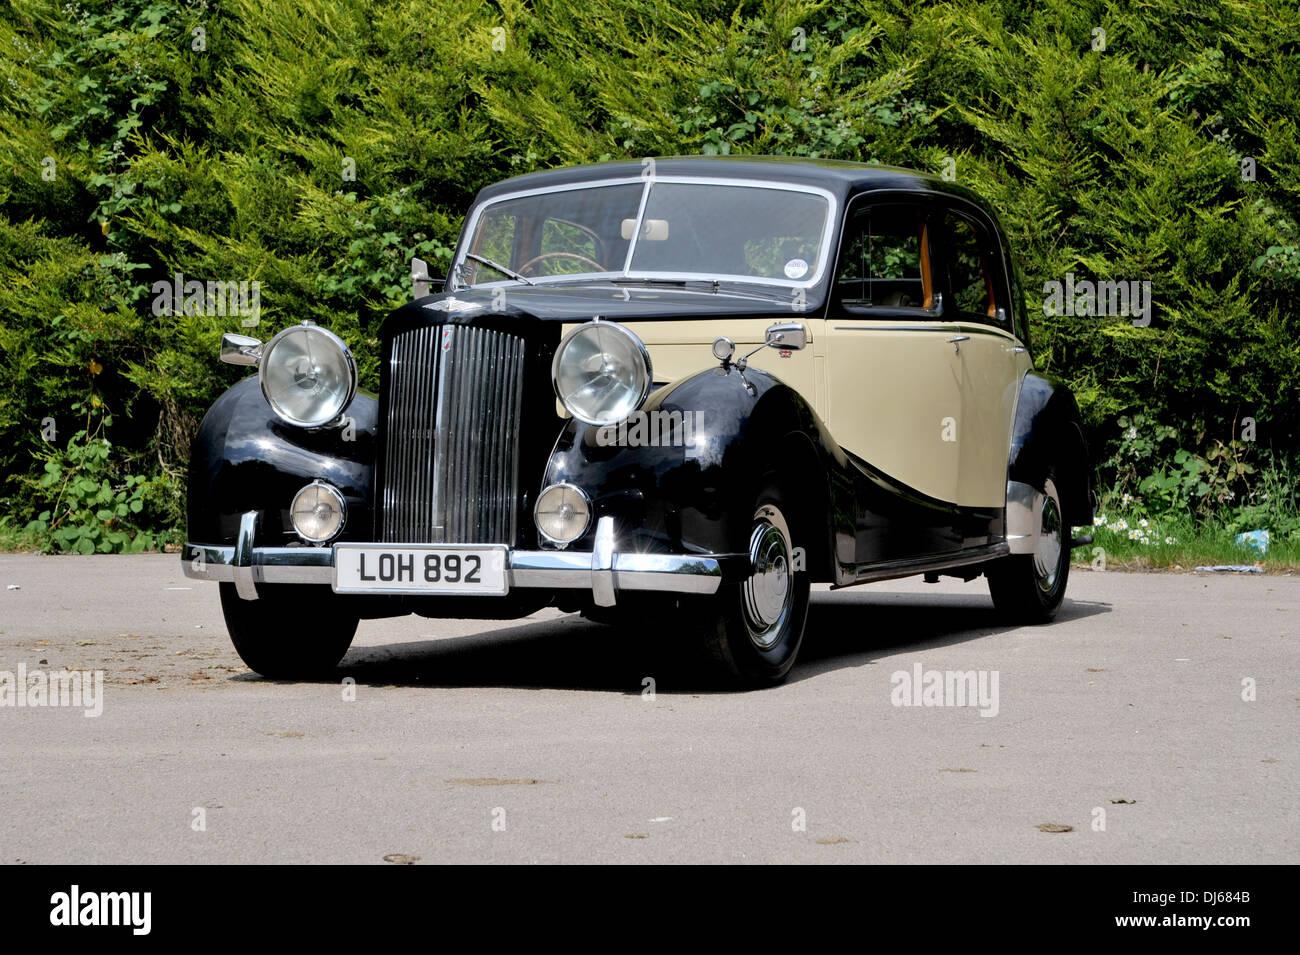 1953 Austin Sheerline classic British luxury car Stock Photo ...